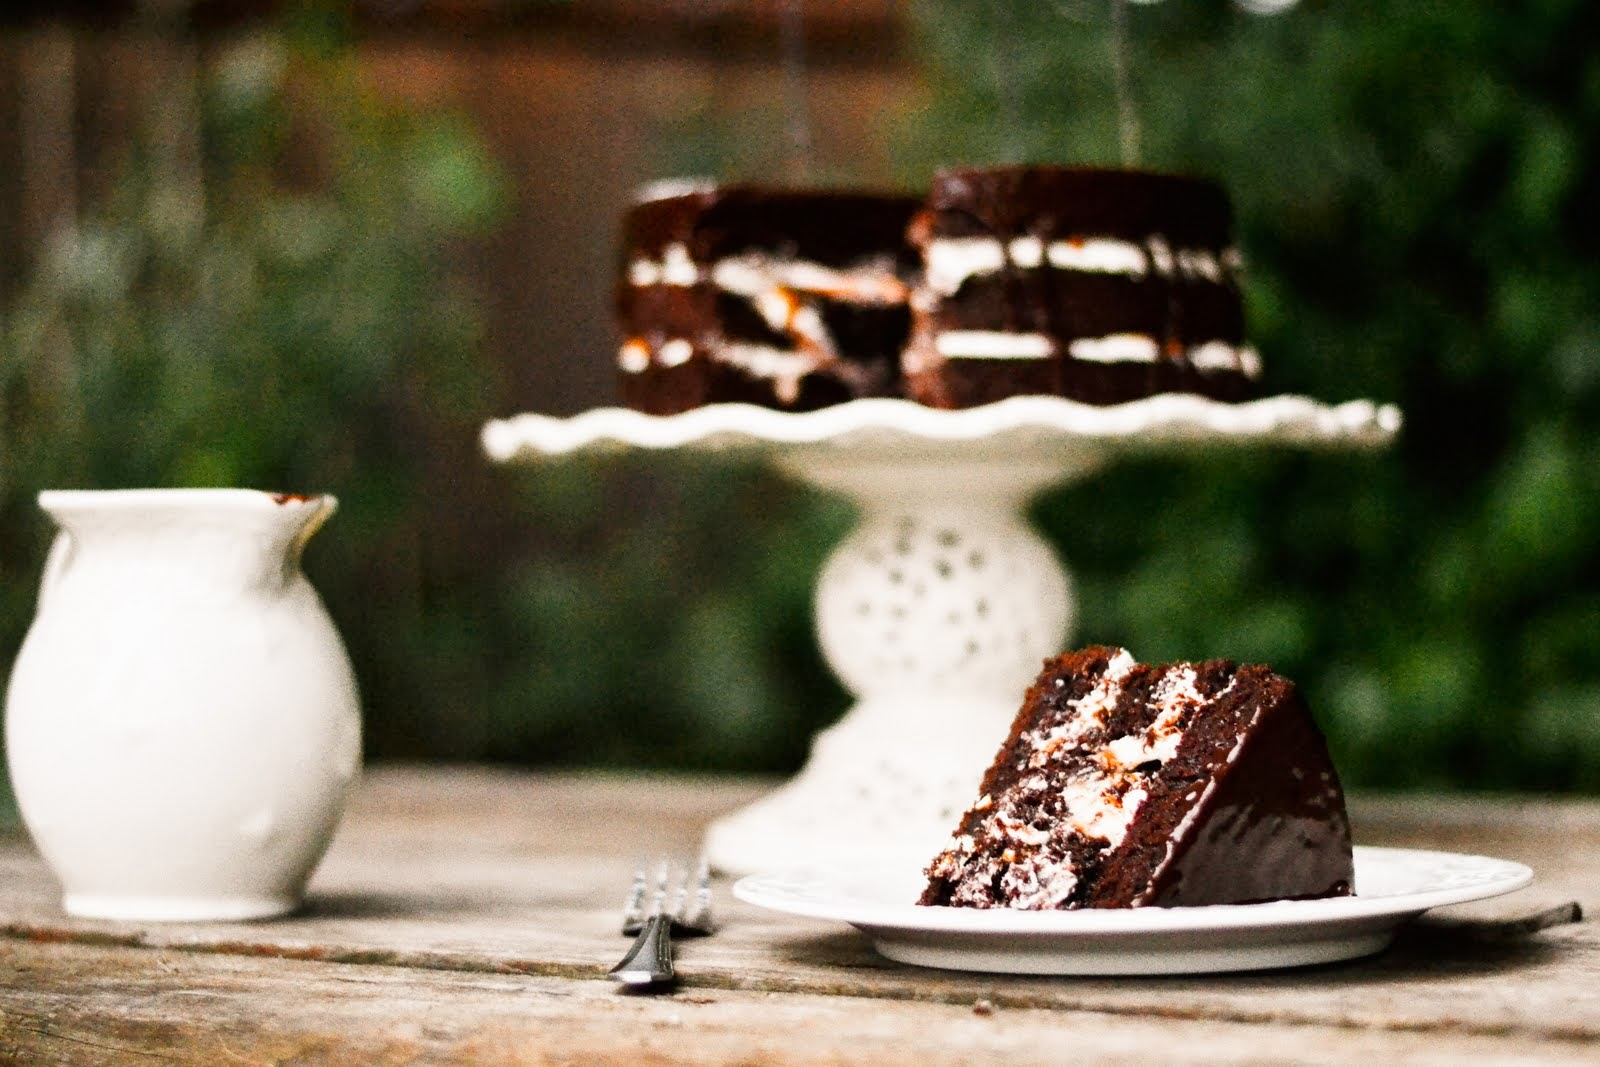 mocha+bday+cake-27.jpg